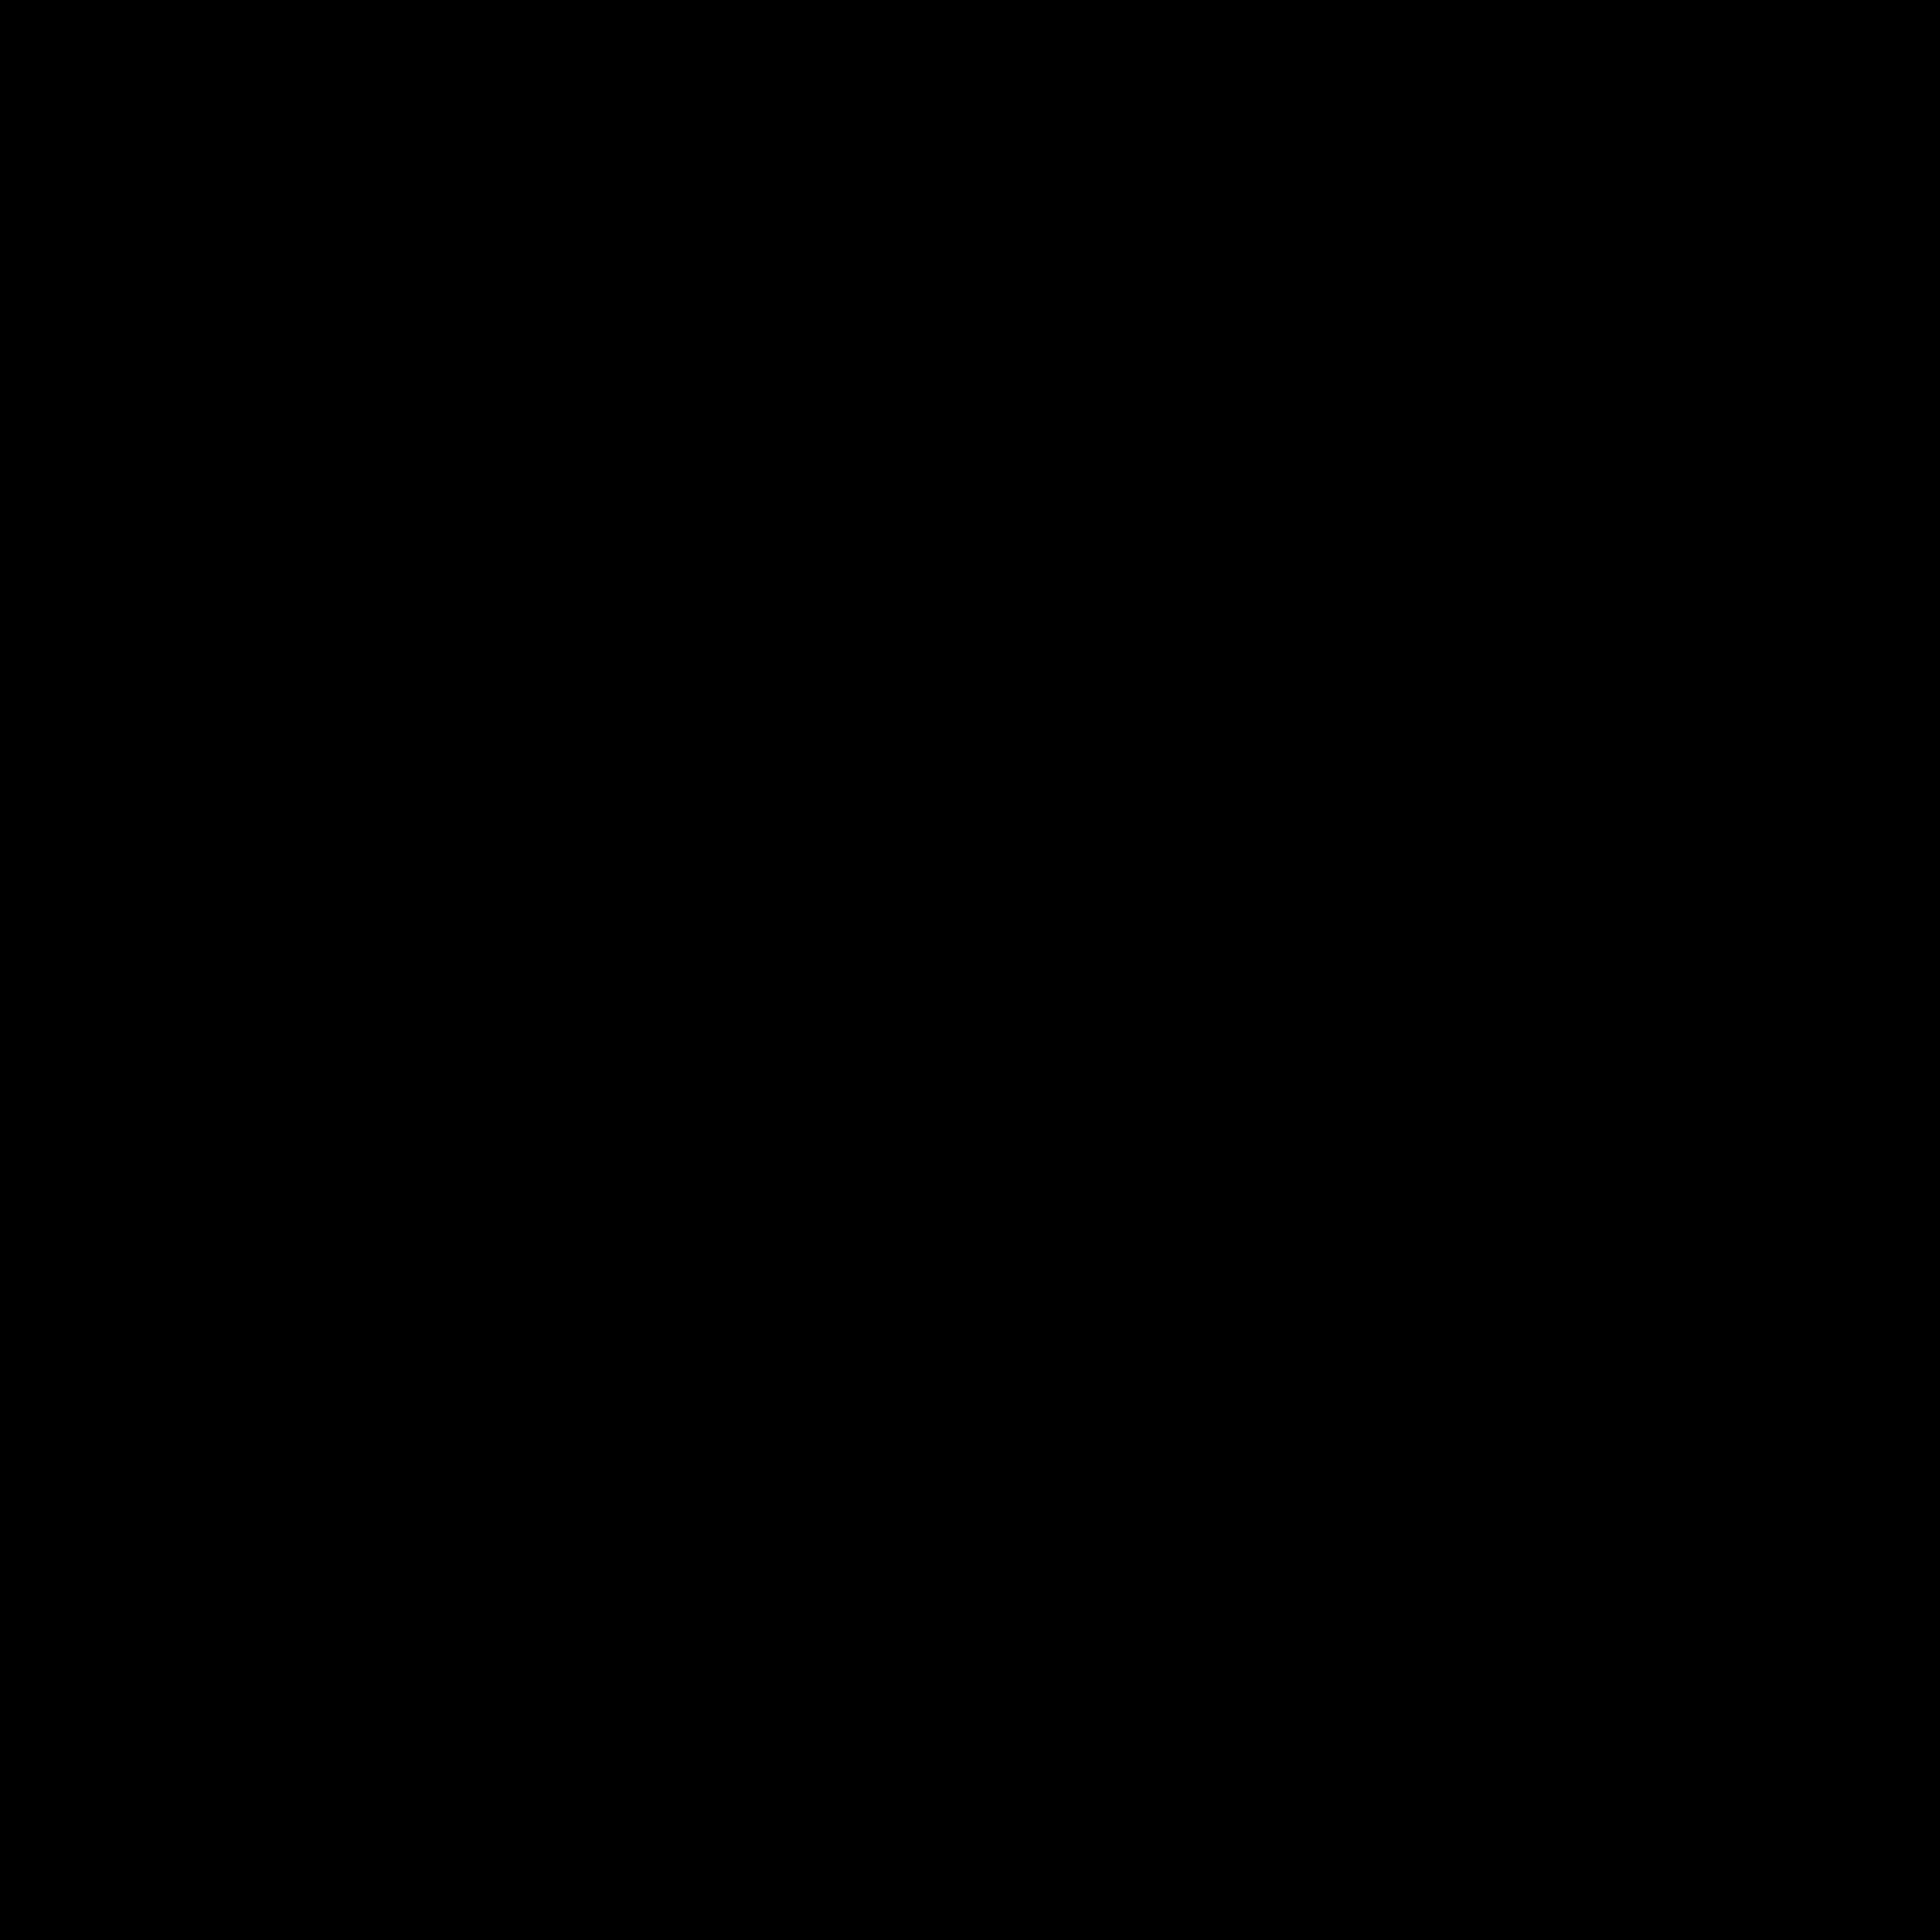 Alfa Romeo 159 manufacturer logo